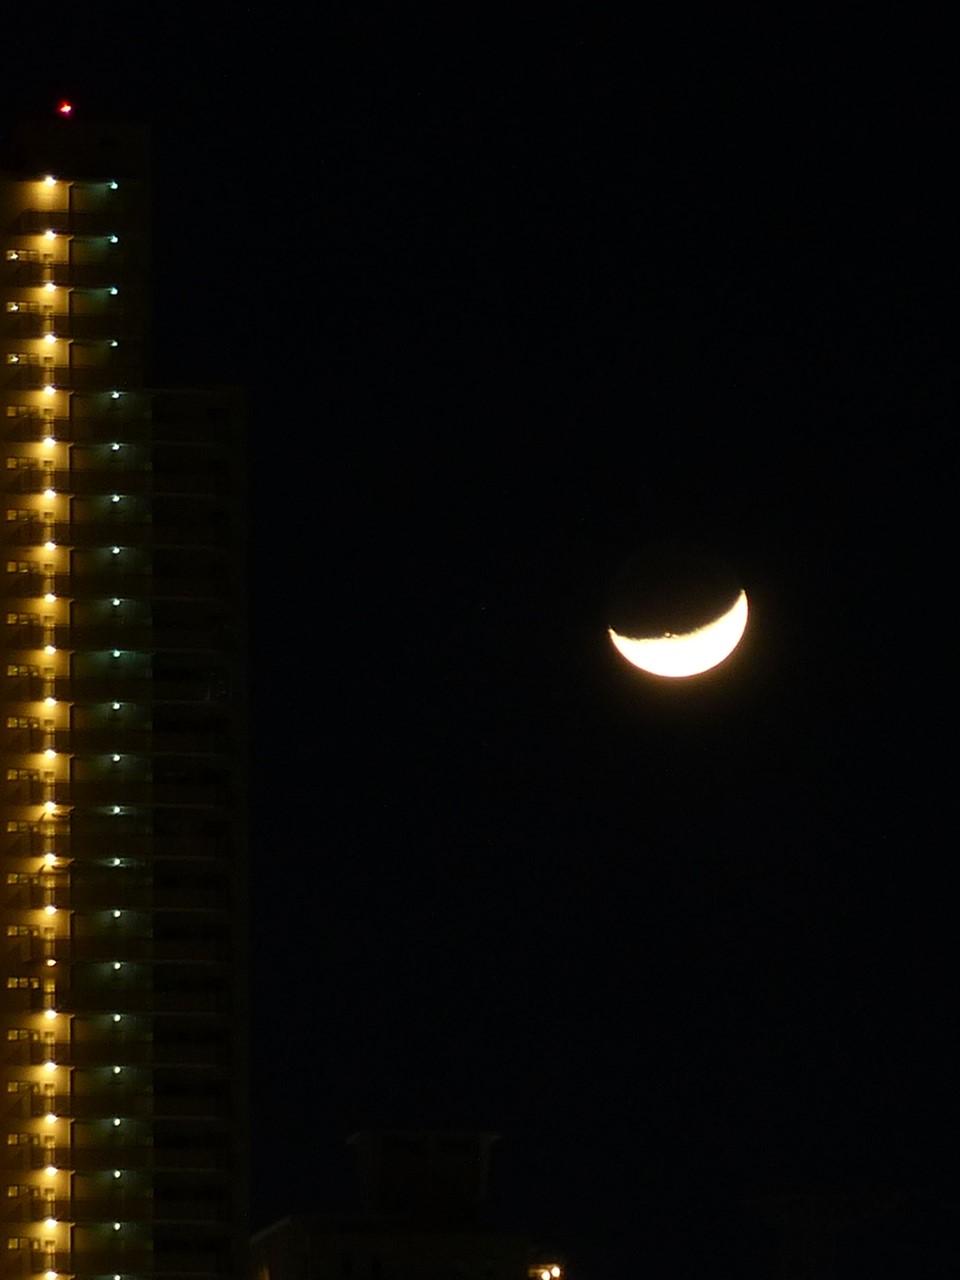 5歳の月がビルの横を落ちていく, moon age 5th